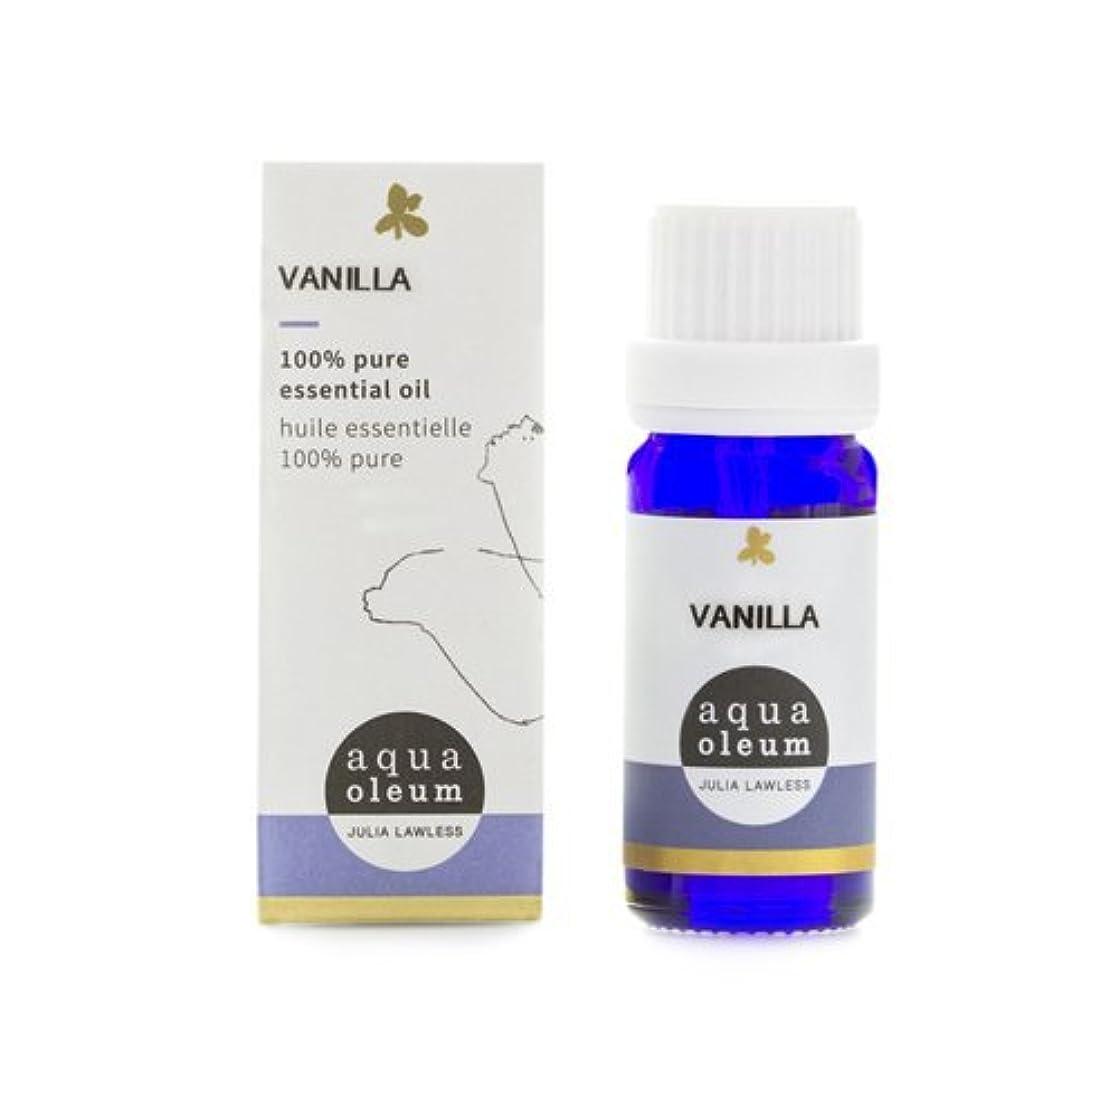 低い力強い衣類アクアオレウム アブソリュート&プレシャス精油 バニラ 2ml(精油)